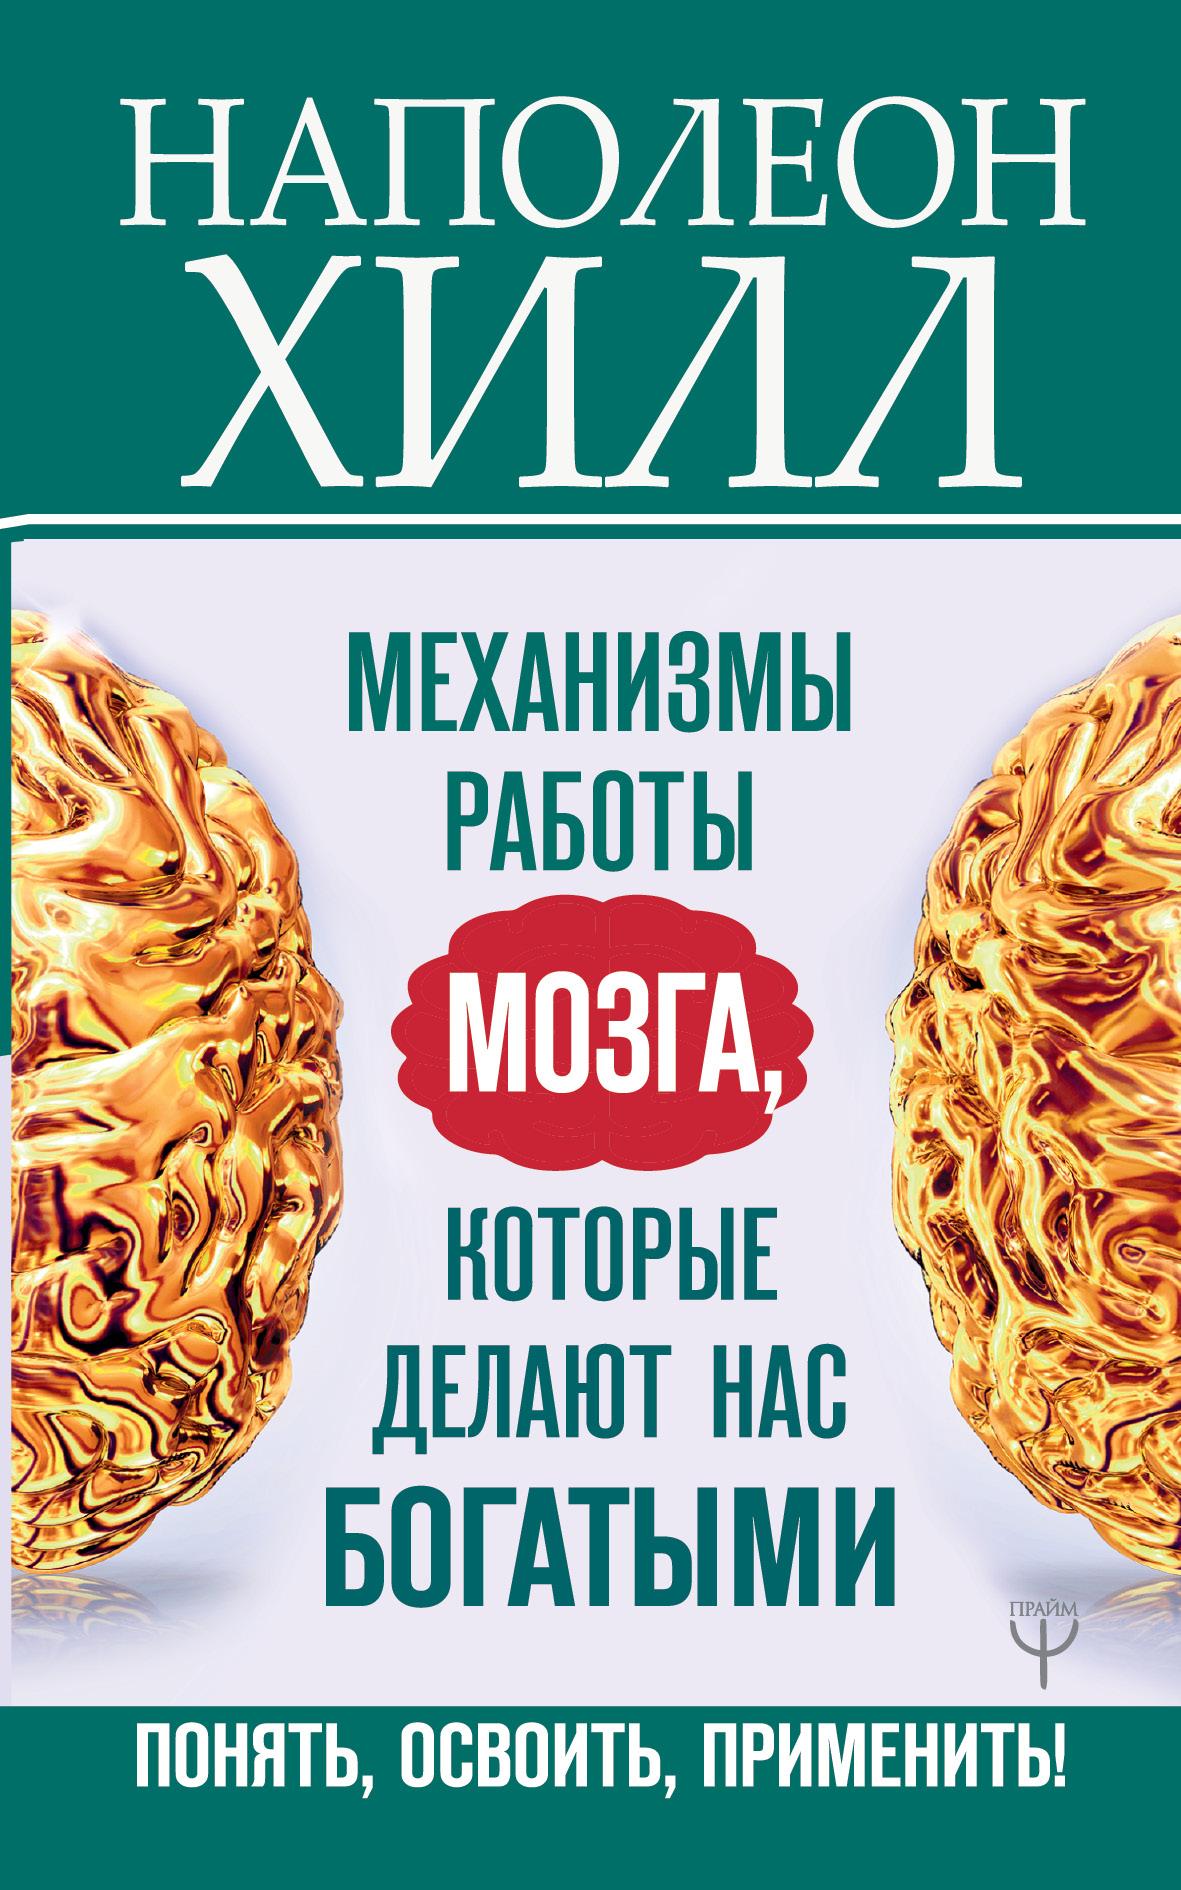 Хилл Наполеон Механизмы работы мозга, которые делают нас богатыми. Понять, освоить, применить!